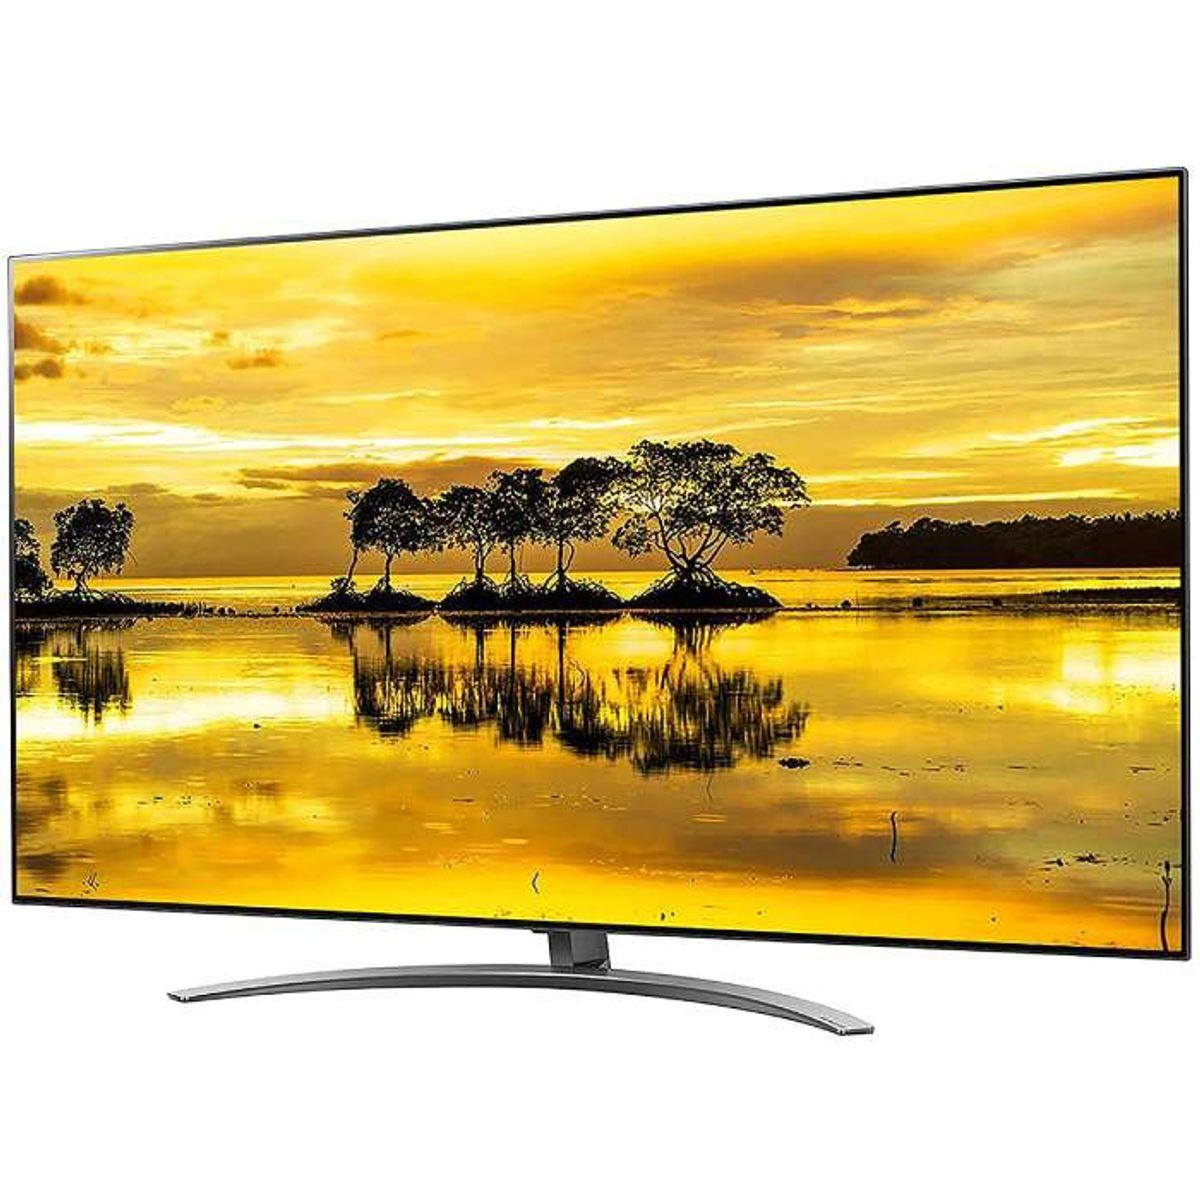 ಎಲ್ಜ 65 ಇಂಚುಗಳು 4K Ultra HD Smart NanoCell TV (65SM9000PTA)